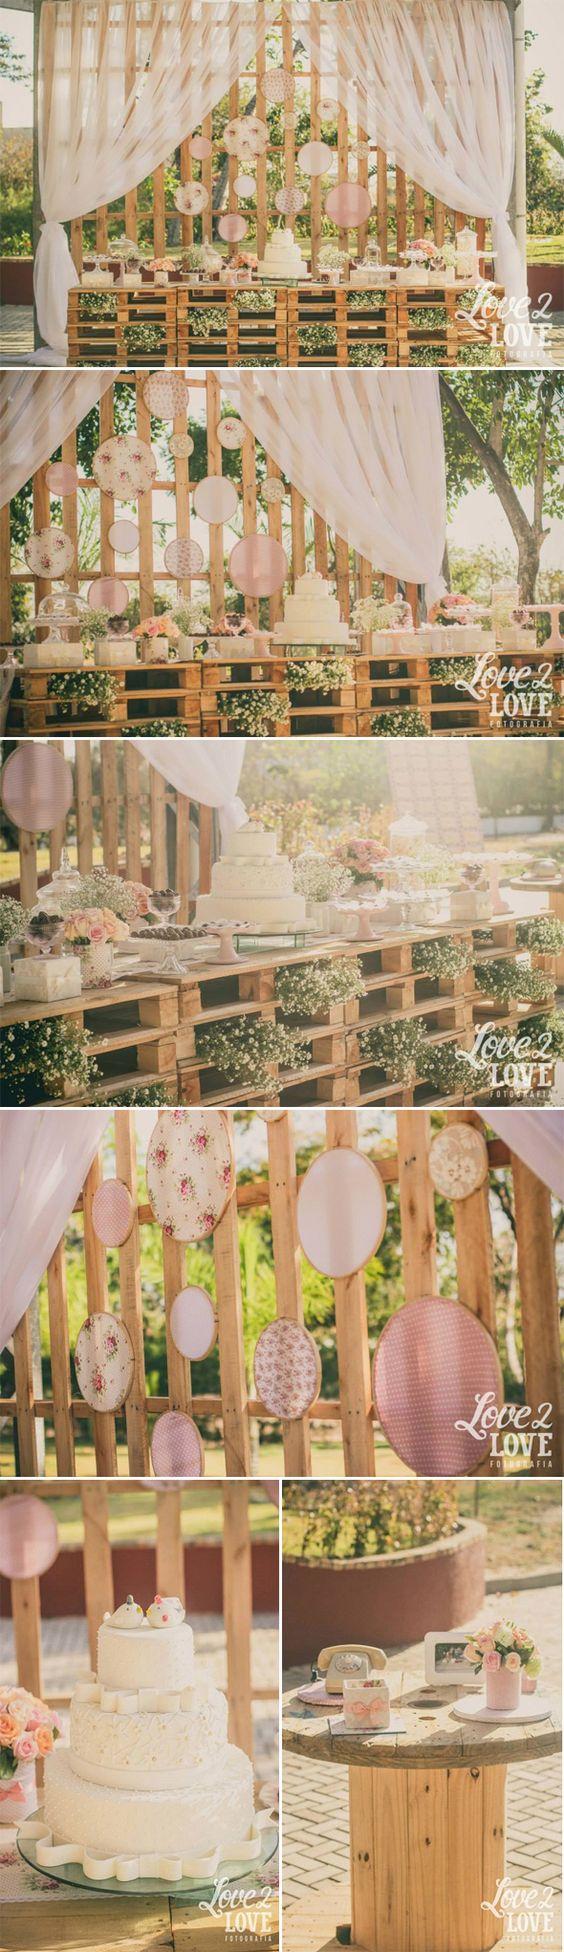 Decoração rústica em tons pastel | LaPartieDiva: